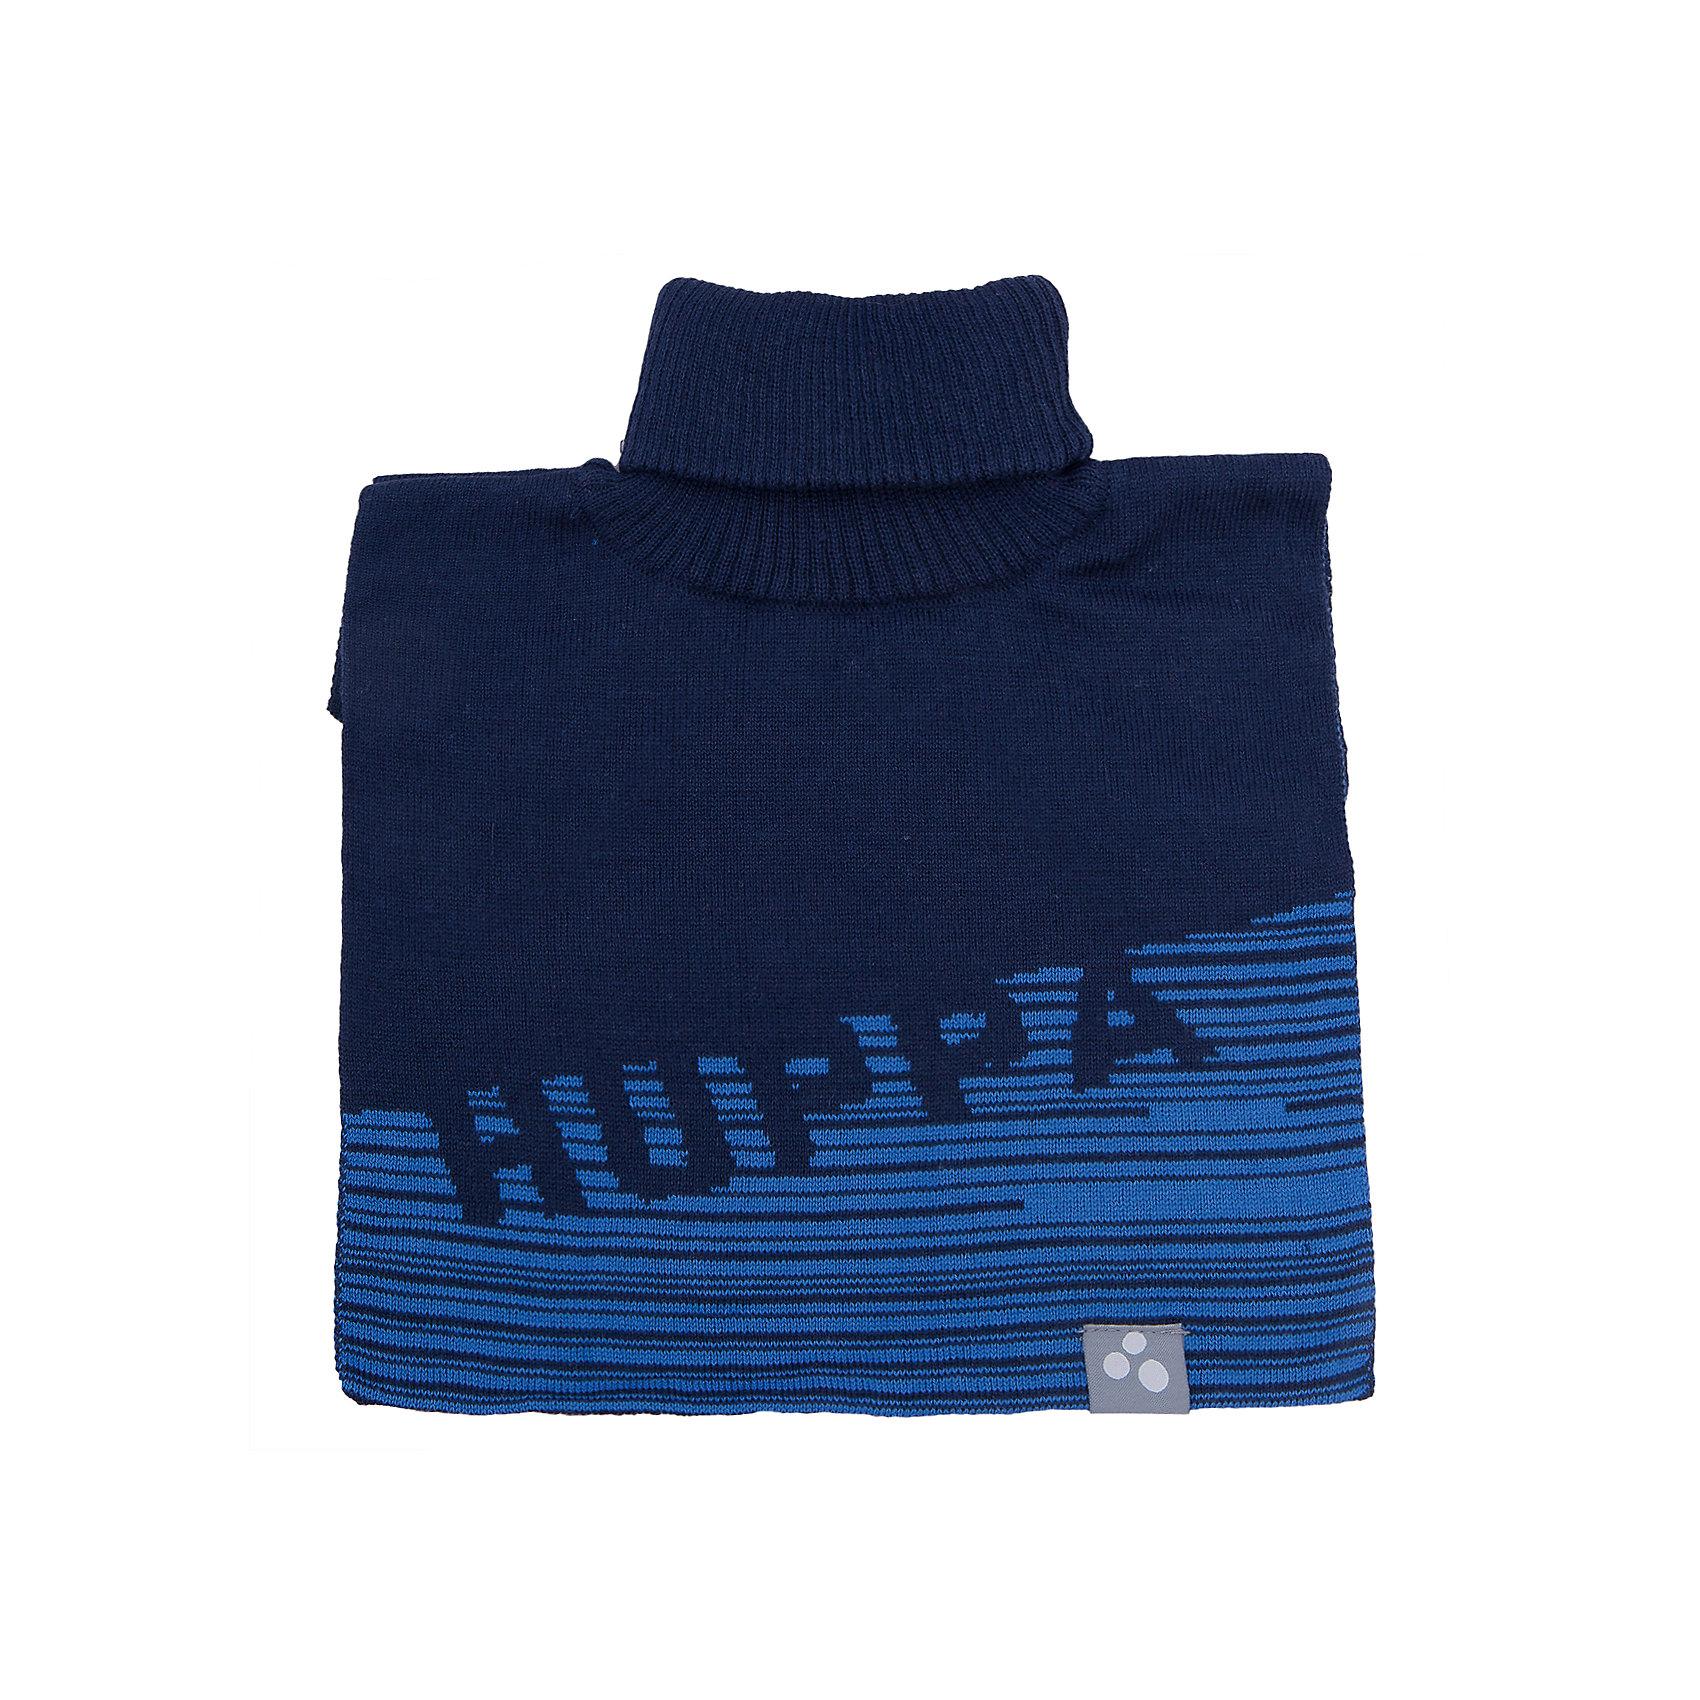 Манишка HuppaМанишка  GINA Huppa(Хуппа) изготовлена из шерсти мериноса и акрила, обеспечивающего тепло. Этот шарф прекрасно защитит шею ребенка от ветра и мороза. Украшен рисунком HUPPA и отлично подойдет к гардеробу ребенка.<br><br>Дополнительная информация:<br>Материал: 50% шерсть мериноса, 50% акрил<br>Подкладка: хлопок<br>Цвет: синий/темно-синий<br><br>Вы можете приобрести шарф-воротник GINA Huppa(Хуппа) в нашем интернет-магазине.<br><br>Ширина мм: 88<br>Глубина мм: 155<br>Высота мм: 26<br>Вес г: 106<br>Цвет: синий<br>Возраст от месяцев: 12<br>Возраст до месяцев: 24<br>Пол: Унисекс<br>Возраст: Детский<br>Размер: 47-49,55-57<br>SKU: 4923940